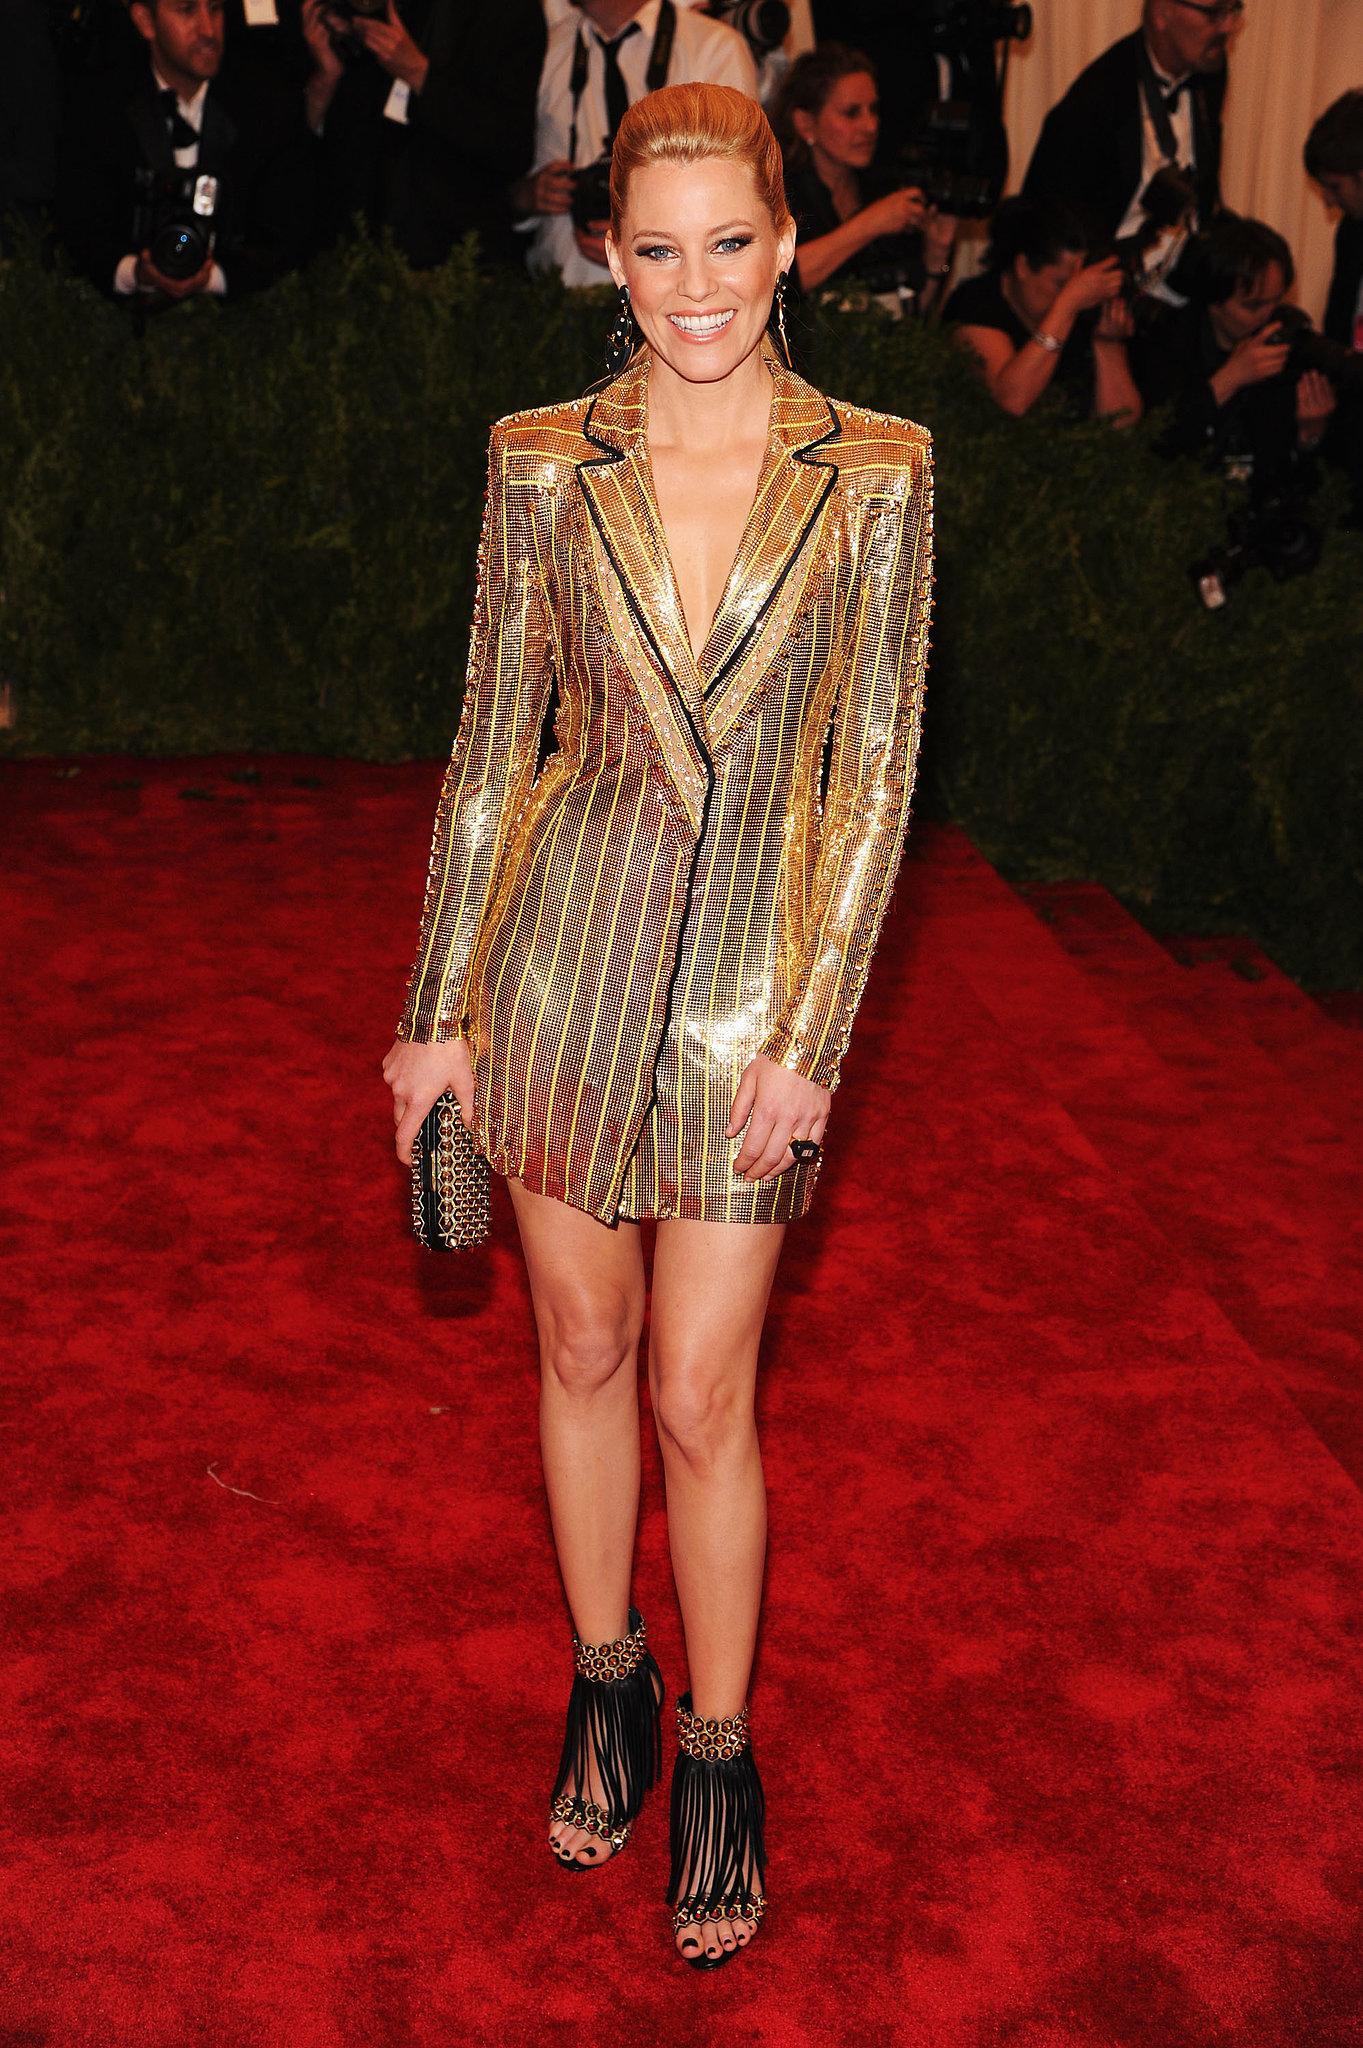 Elizabeth Banks in Versace at the Met Gala